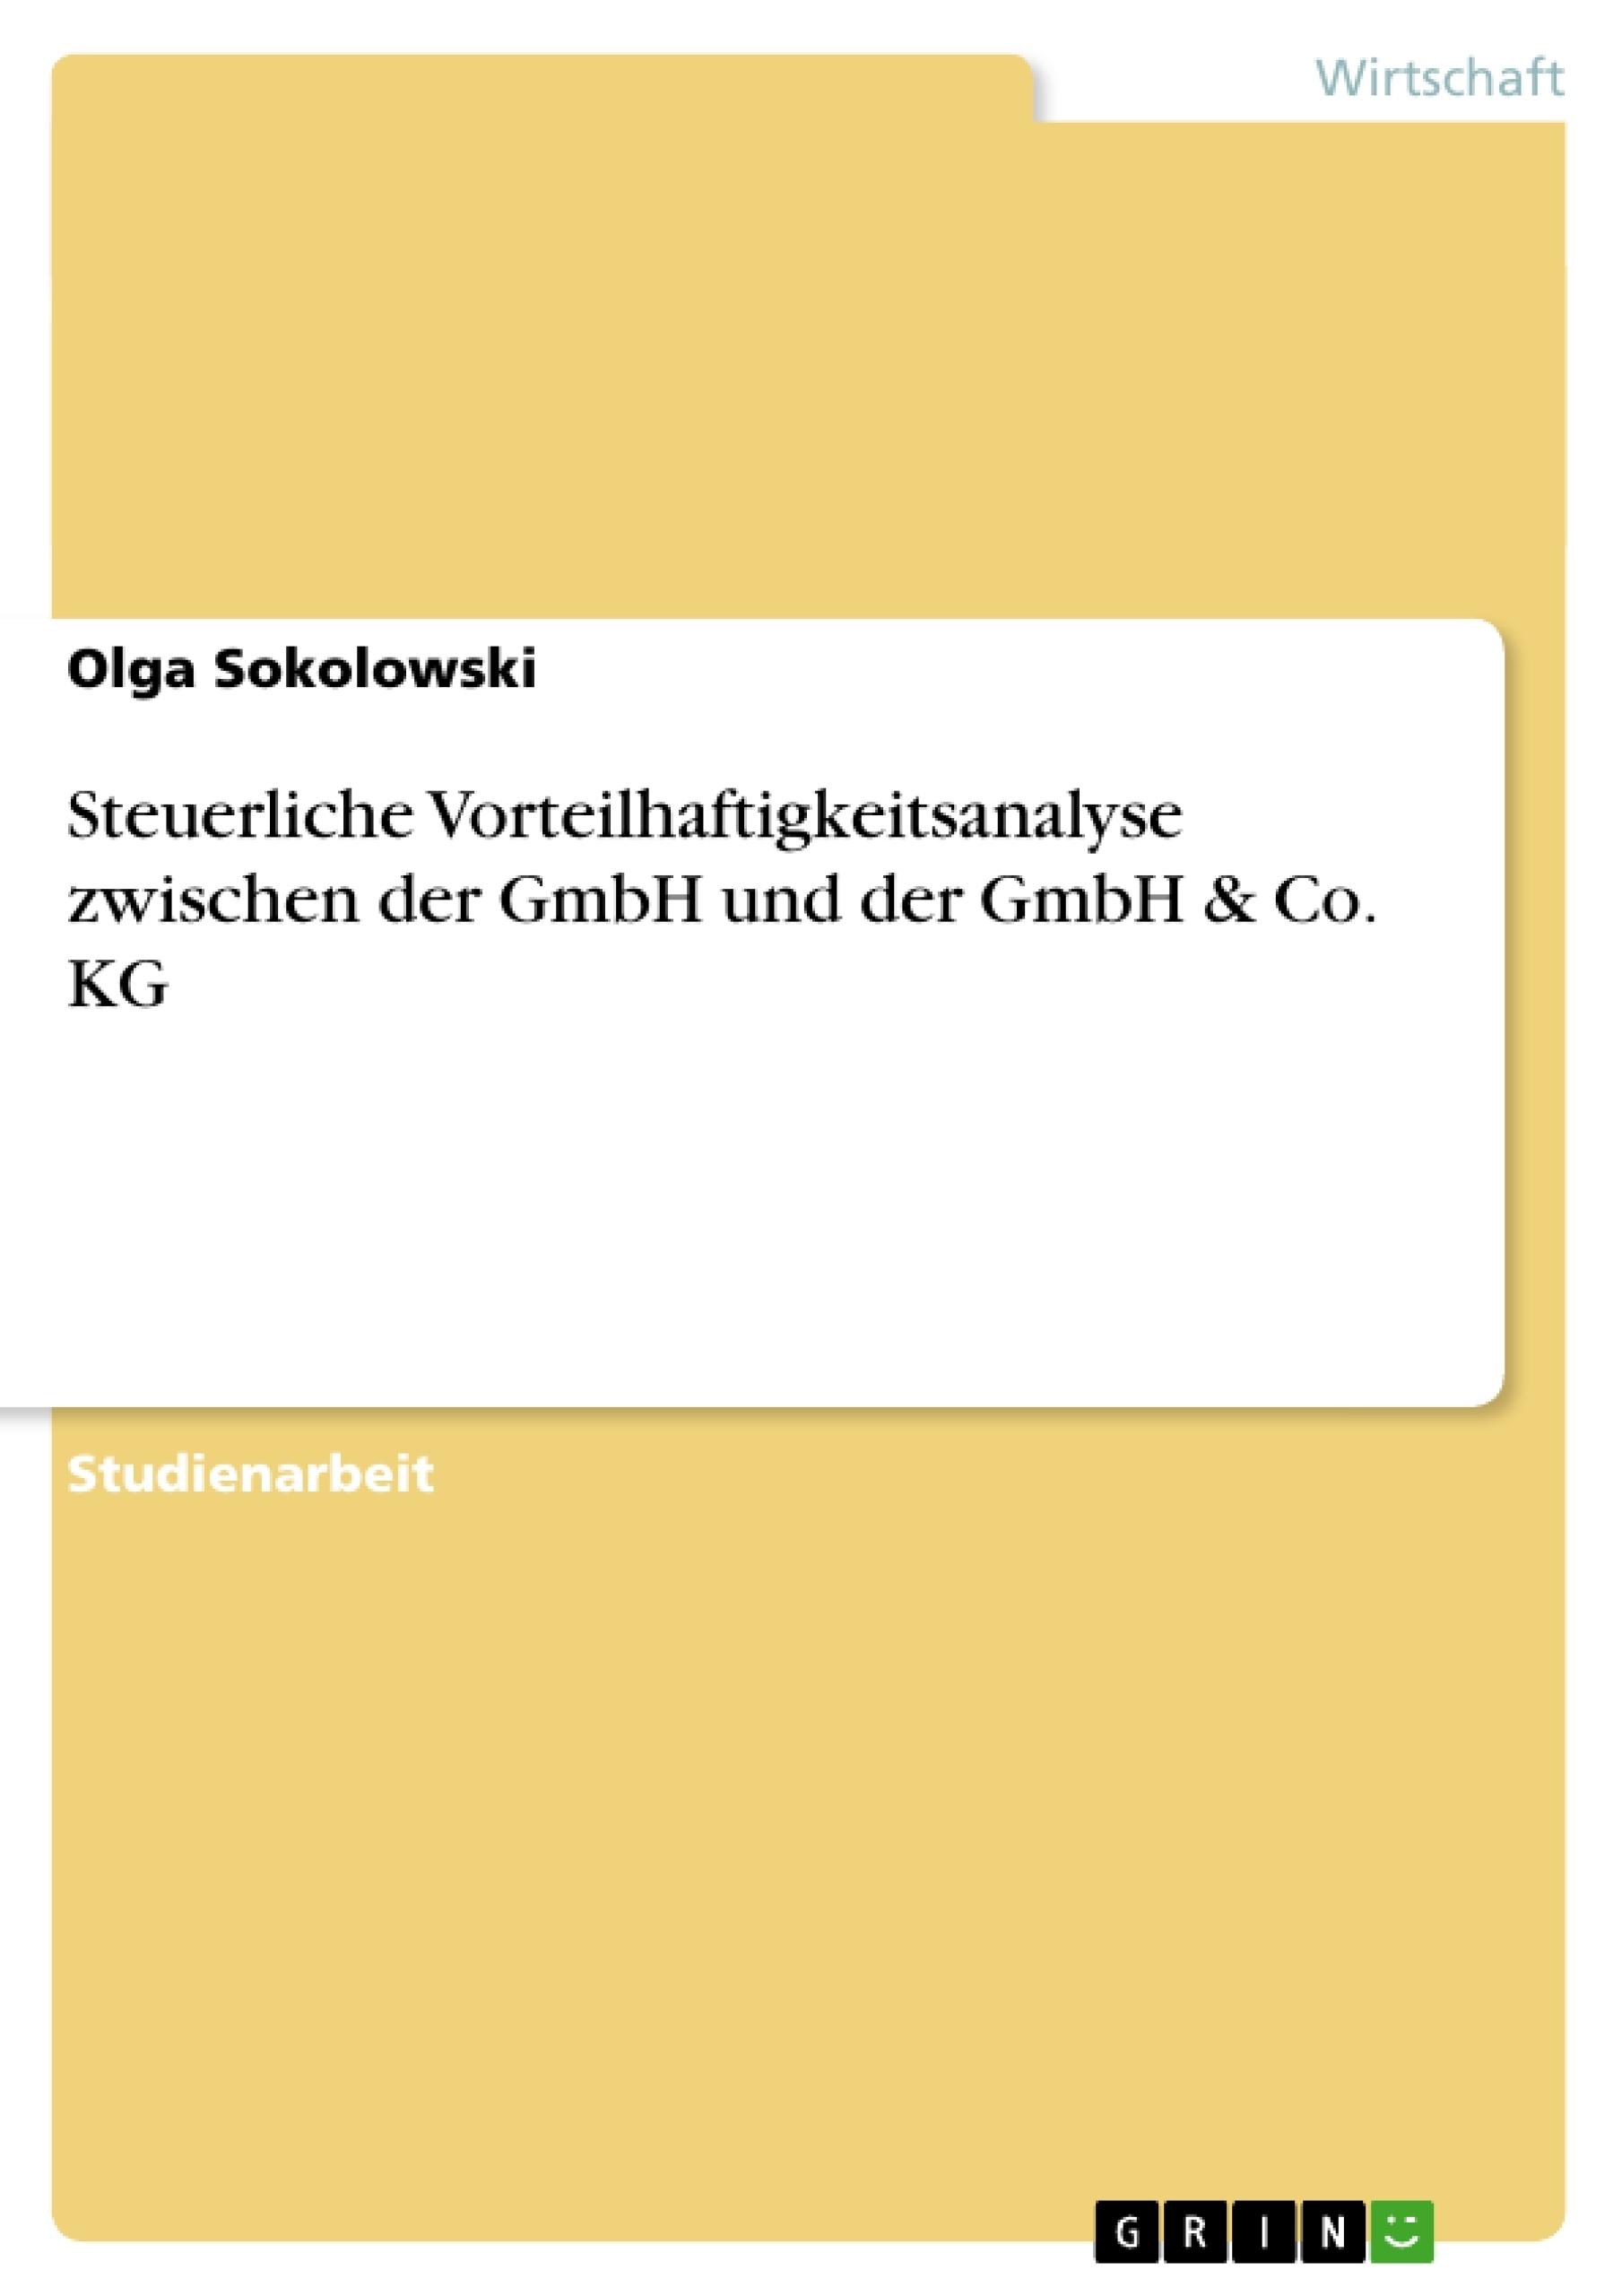 Titel: Steuerliche Vorteilhaftigkeitsanalyse zwischen der GmbH und der GmbH & Co. KG